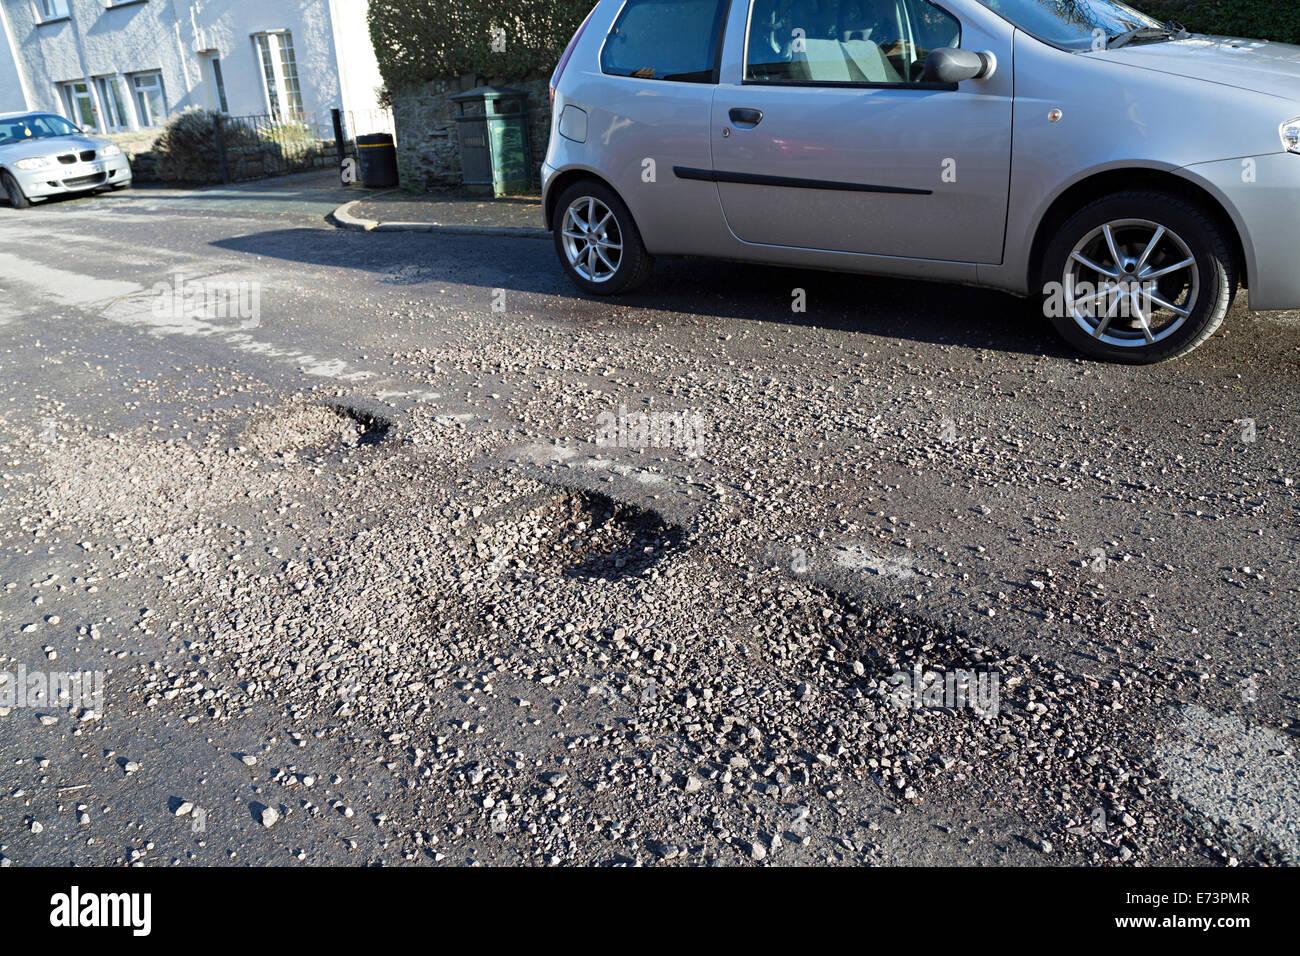 Pothole damage to road after floods, Llanfoist, Abergavenny, Wales, UK - Stock Image